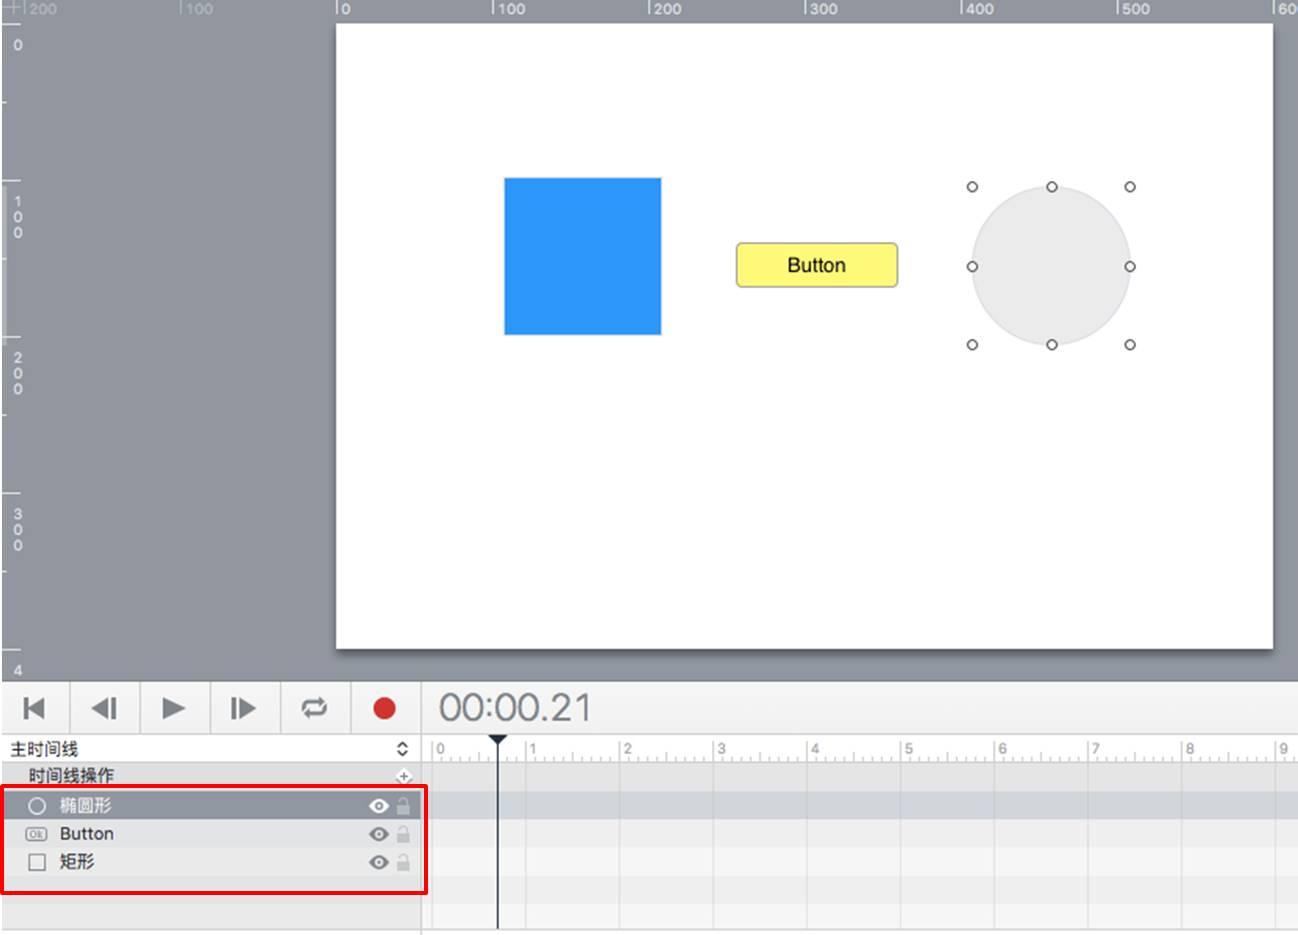 时间线面板元素编辑功能